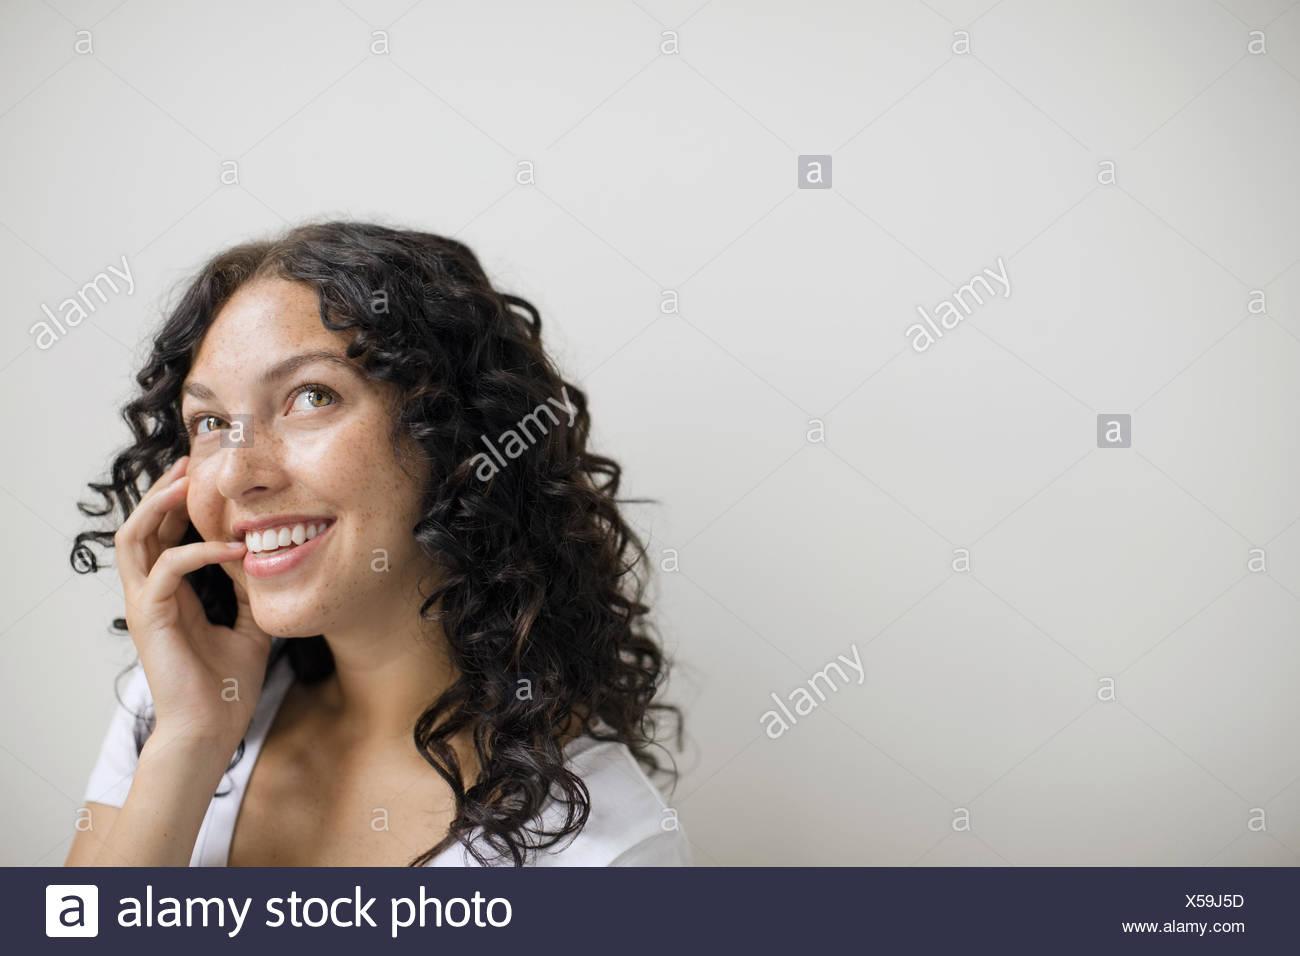 Curieux femme avec les cheveux noirs bouclés Photo Stock